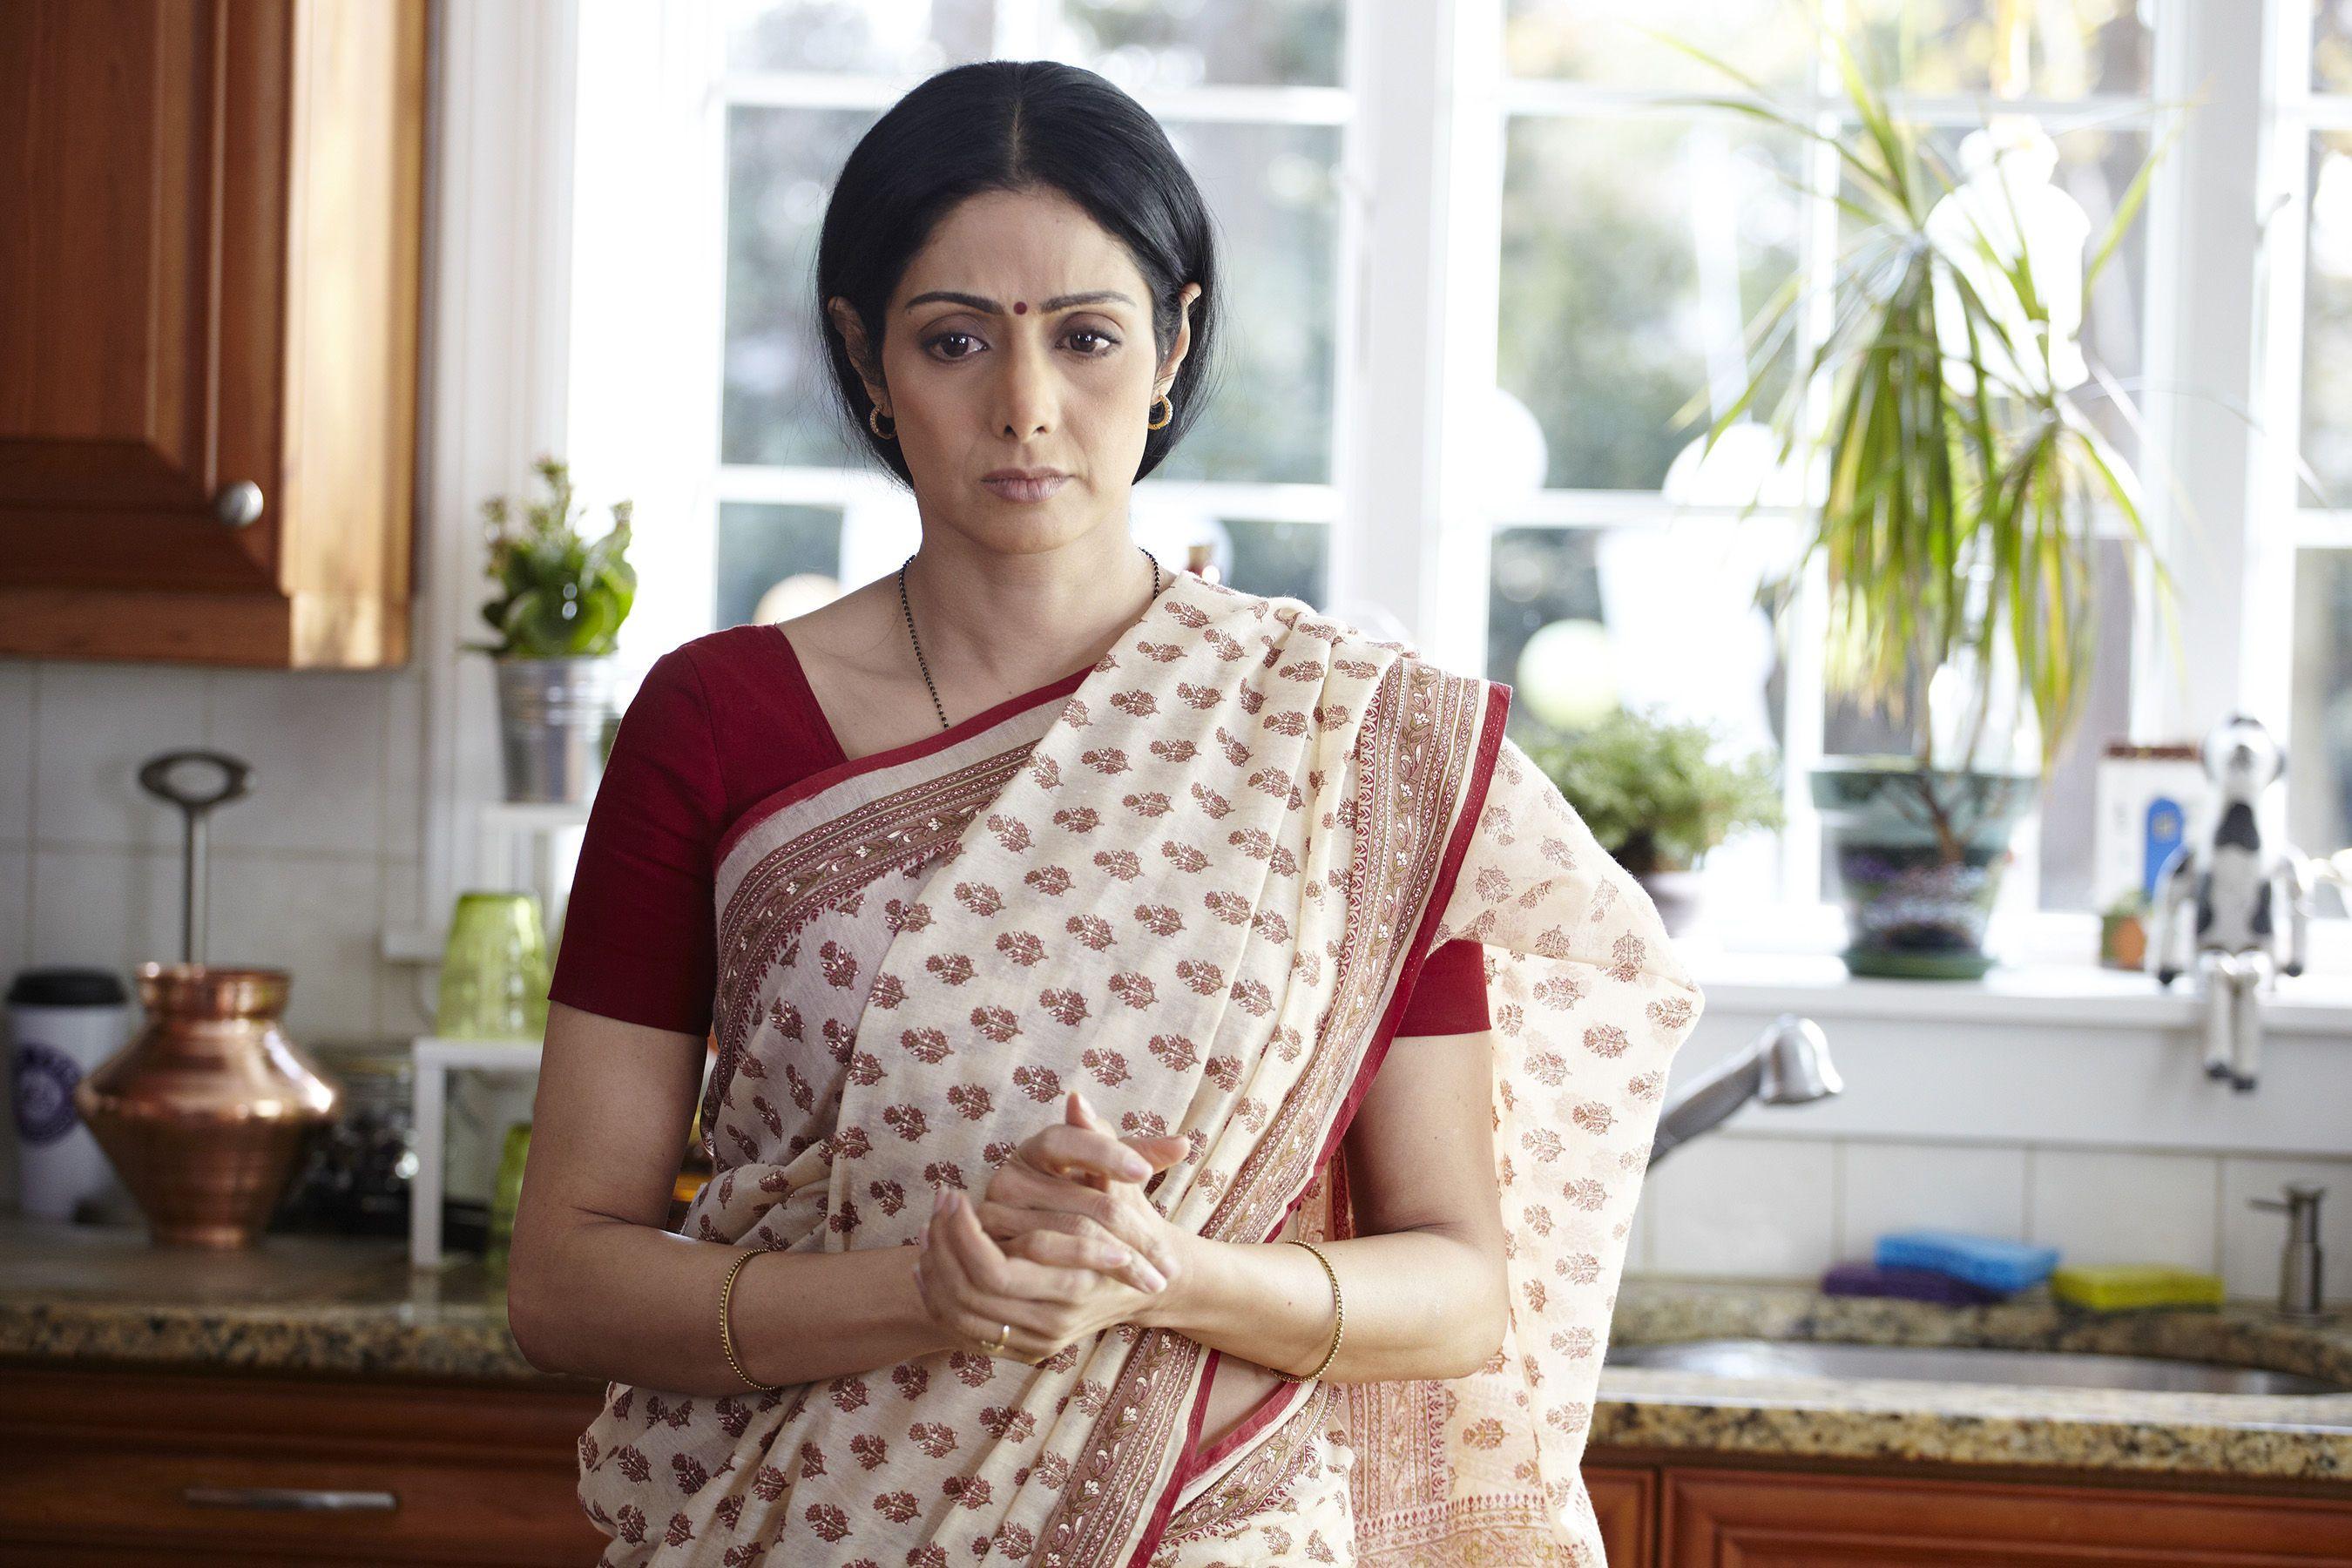 sridevi english vinglish sarees - Google Search | Indian celebrities, Saree, Plain saree